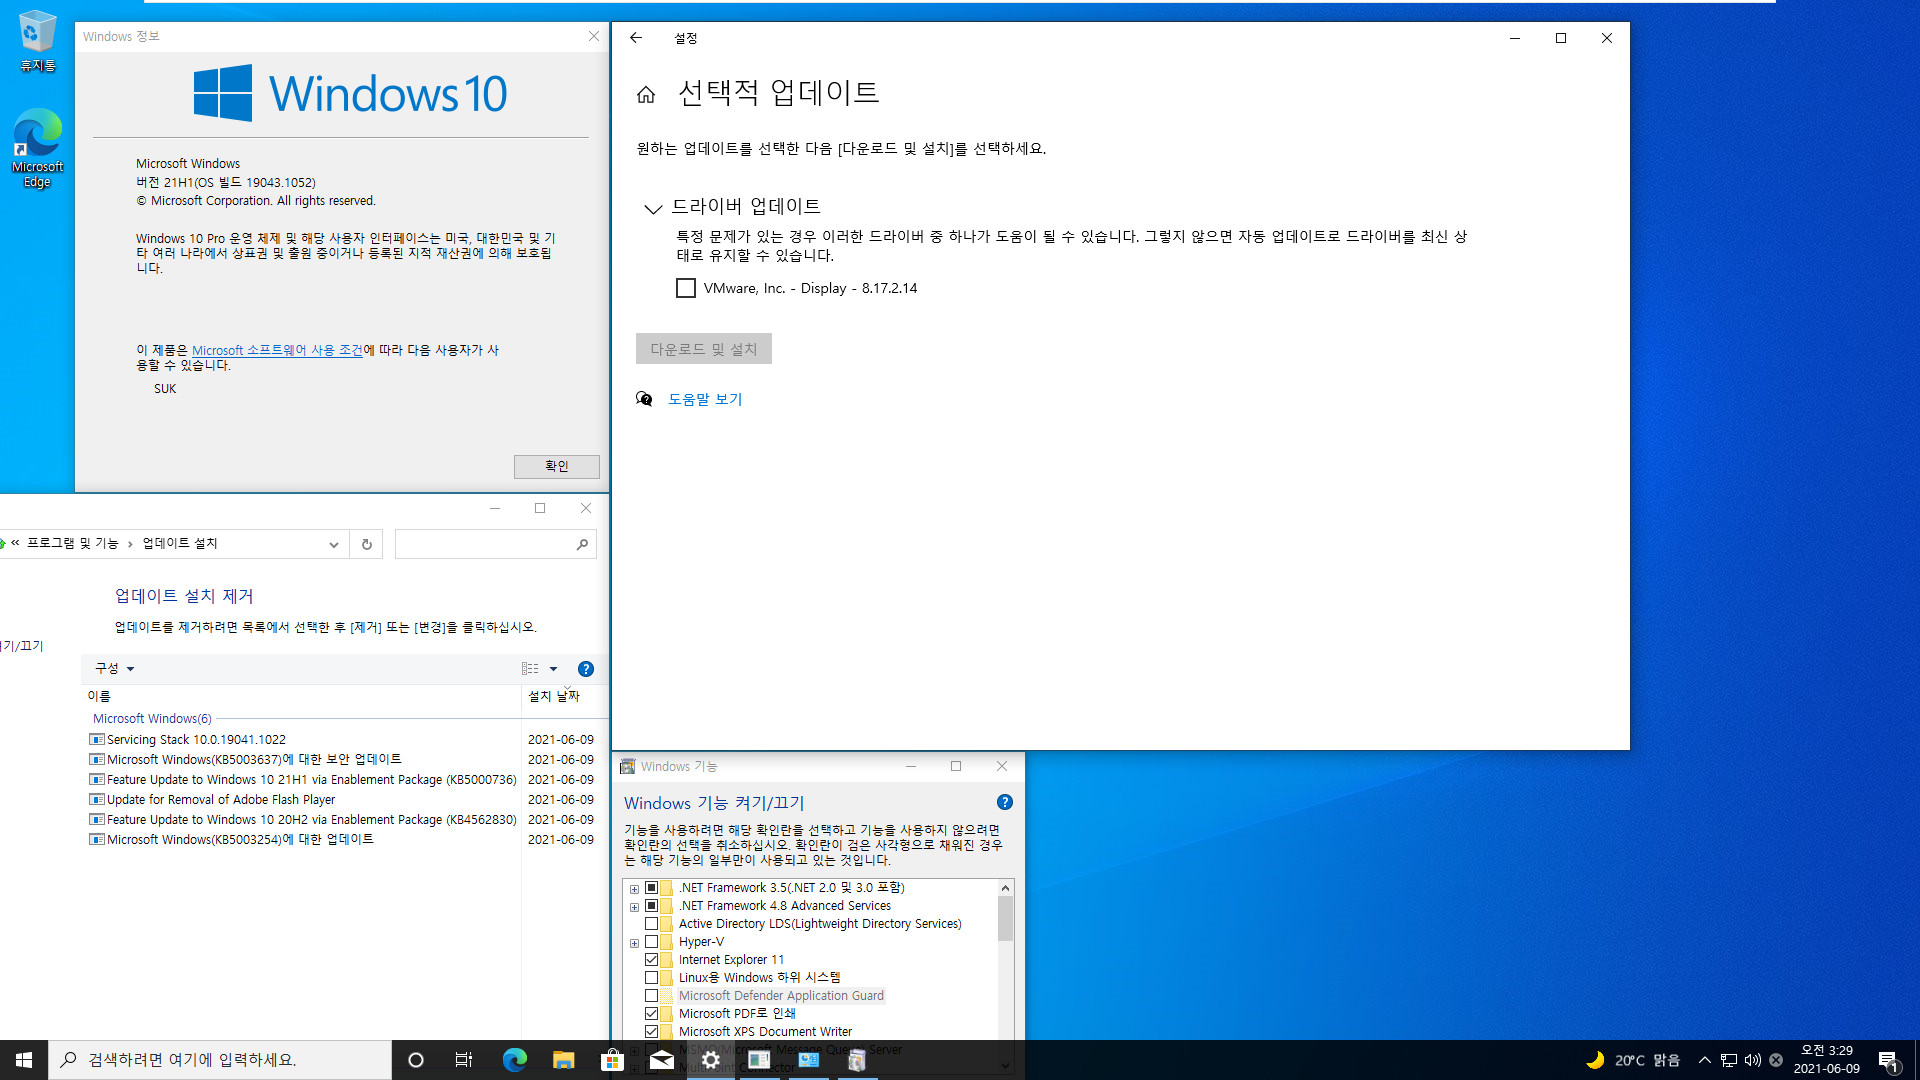 2021-06-09 수요일 정기 업데이트 - PRO x64 3개 버전 통합 - Windows 10 버전 2004, 빌드 19041.1052 + 버전 20H2, 빌드 19042.1052 + 버전 21H1, 빌드 19043.1052 - 공용 누적 업데이트 KB5003637 - 2021-06-09_032950.jpg